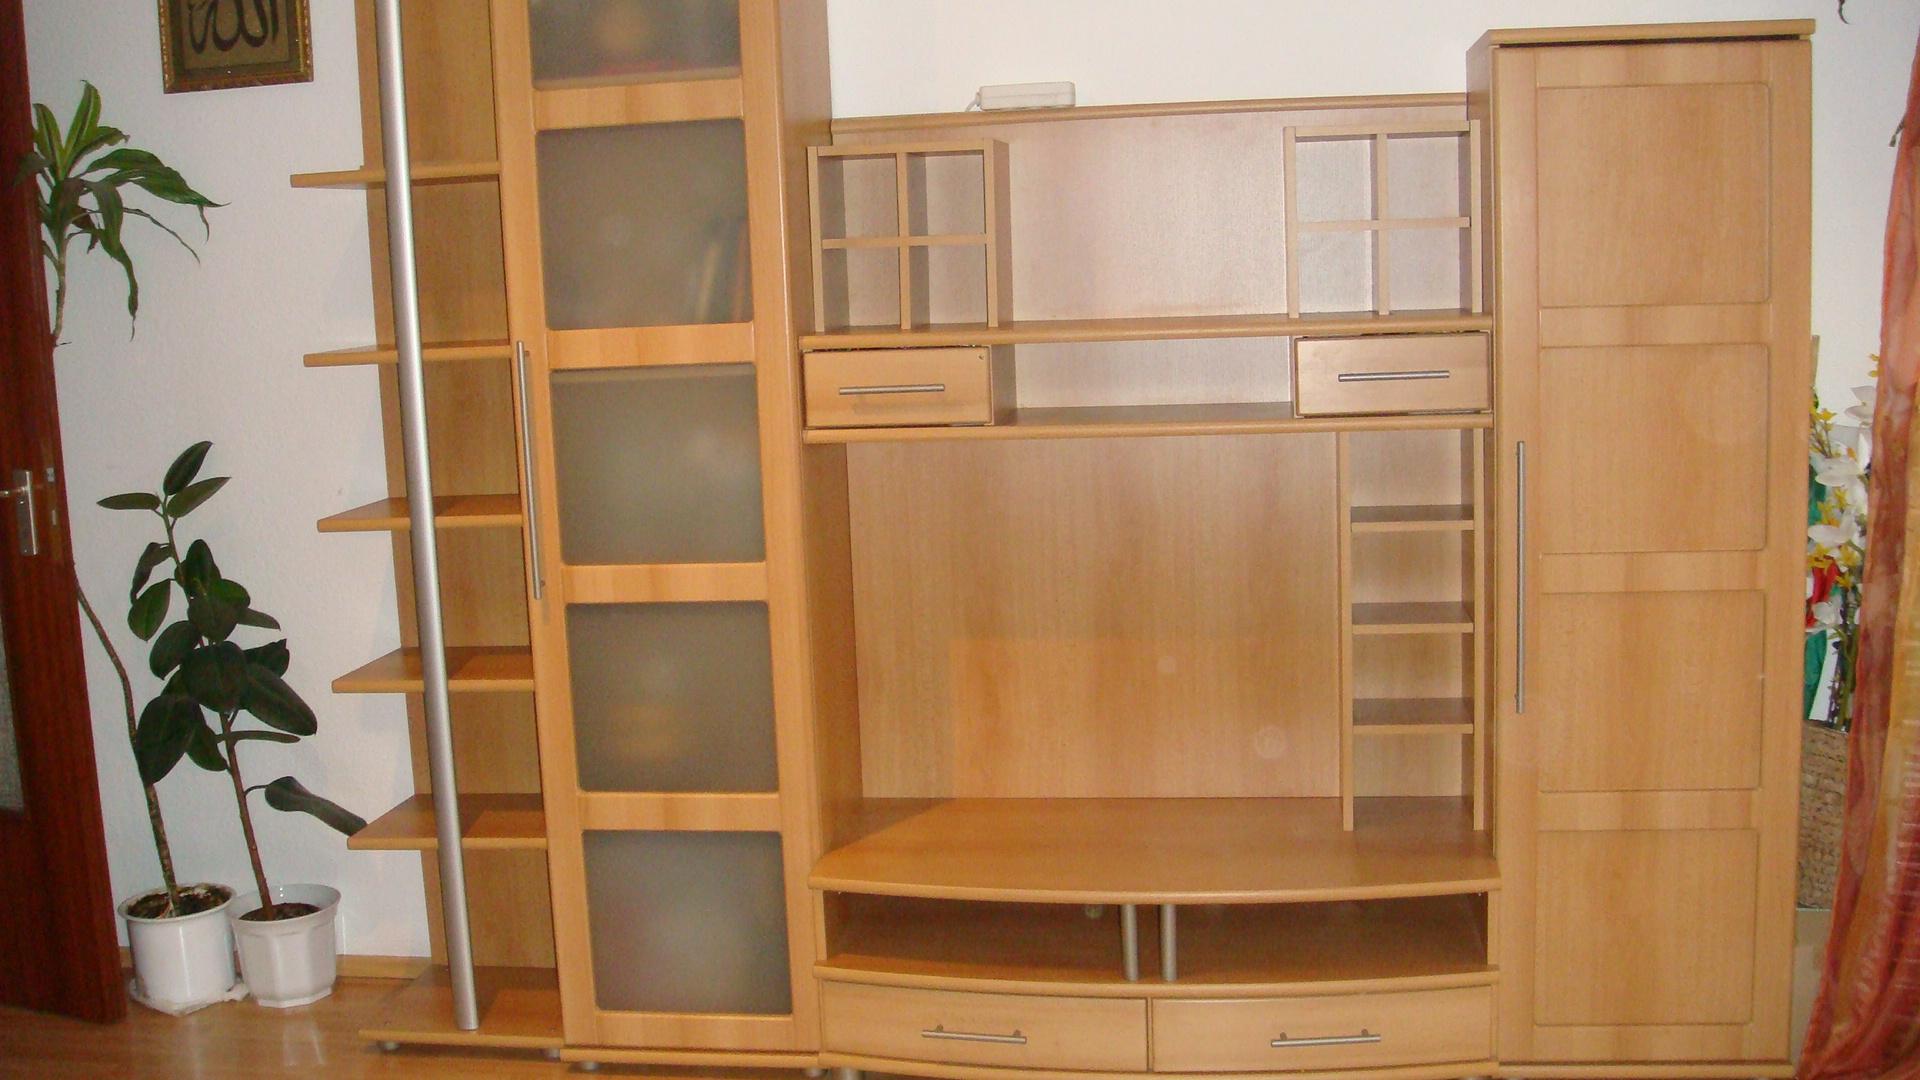 m bel und haushalt kleinanzeigen in zossen. Black Bedroom Furniture Sets. Home Design Ideas